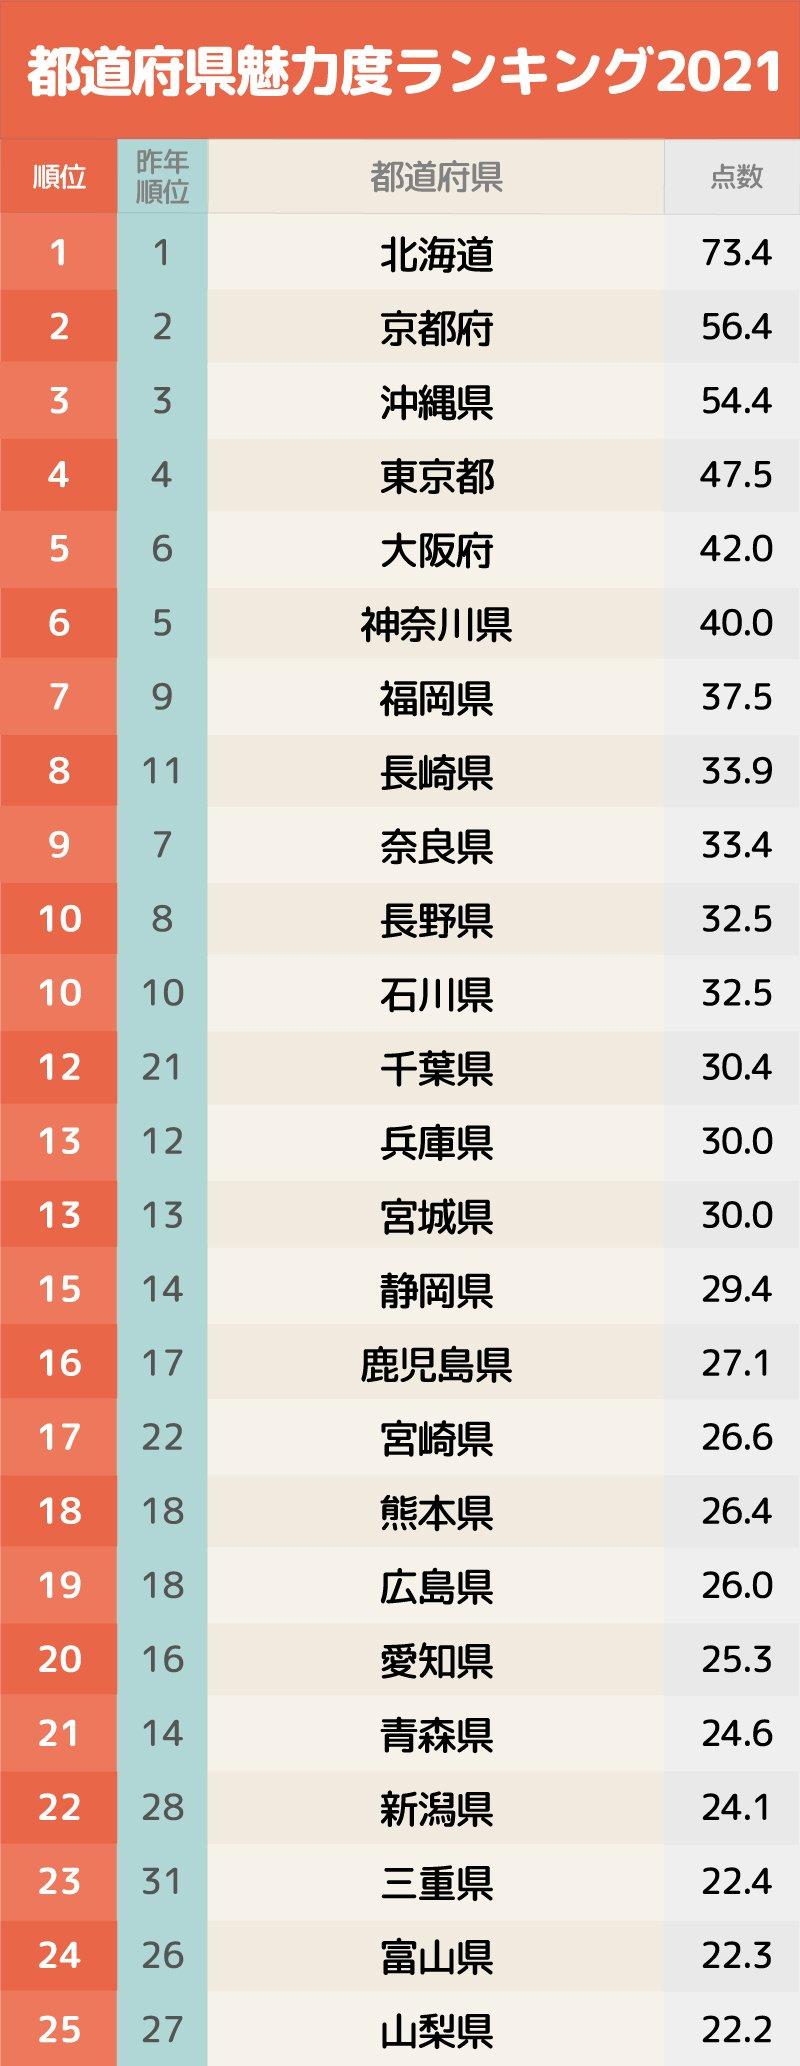 都道府県魅力度ランキング1〜25位